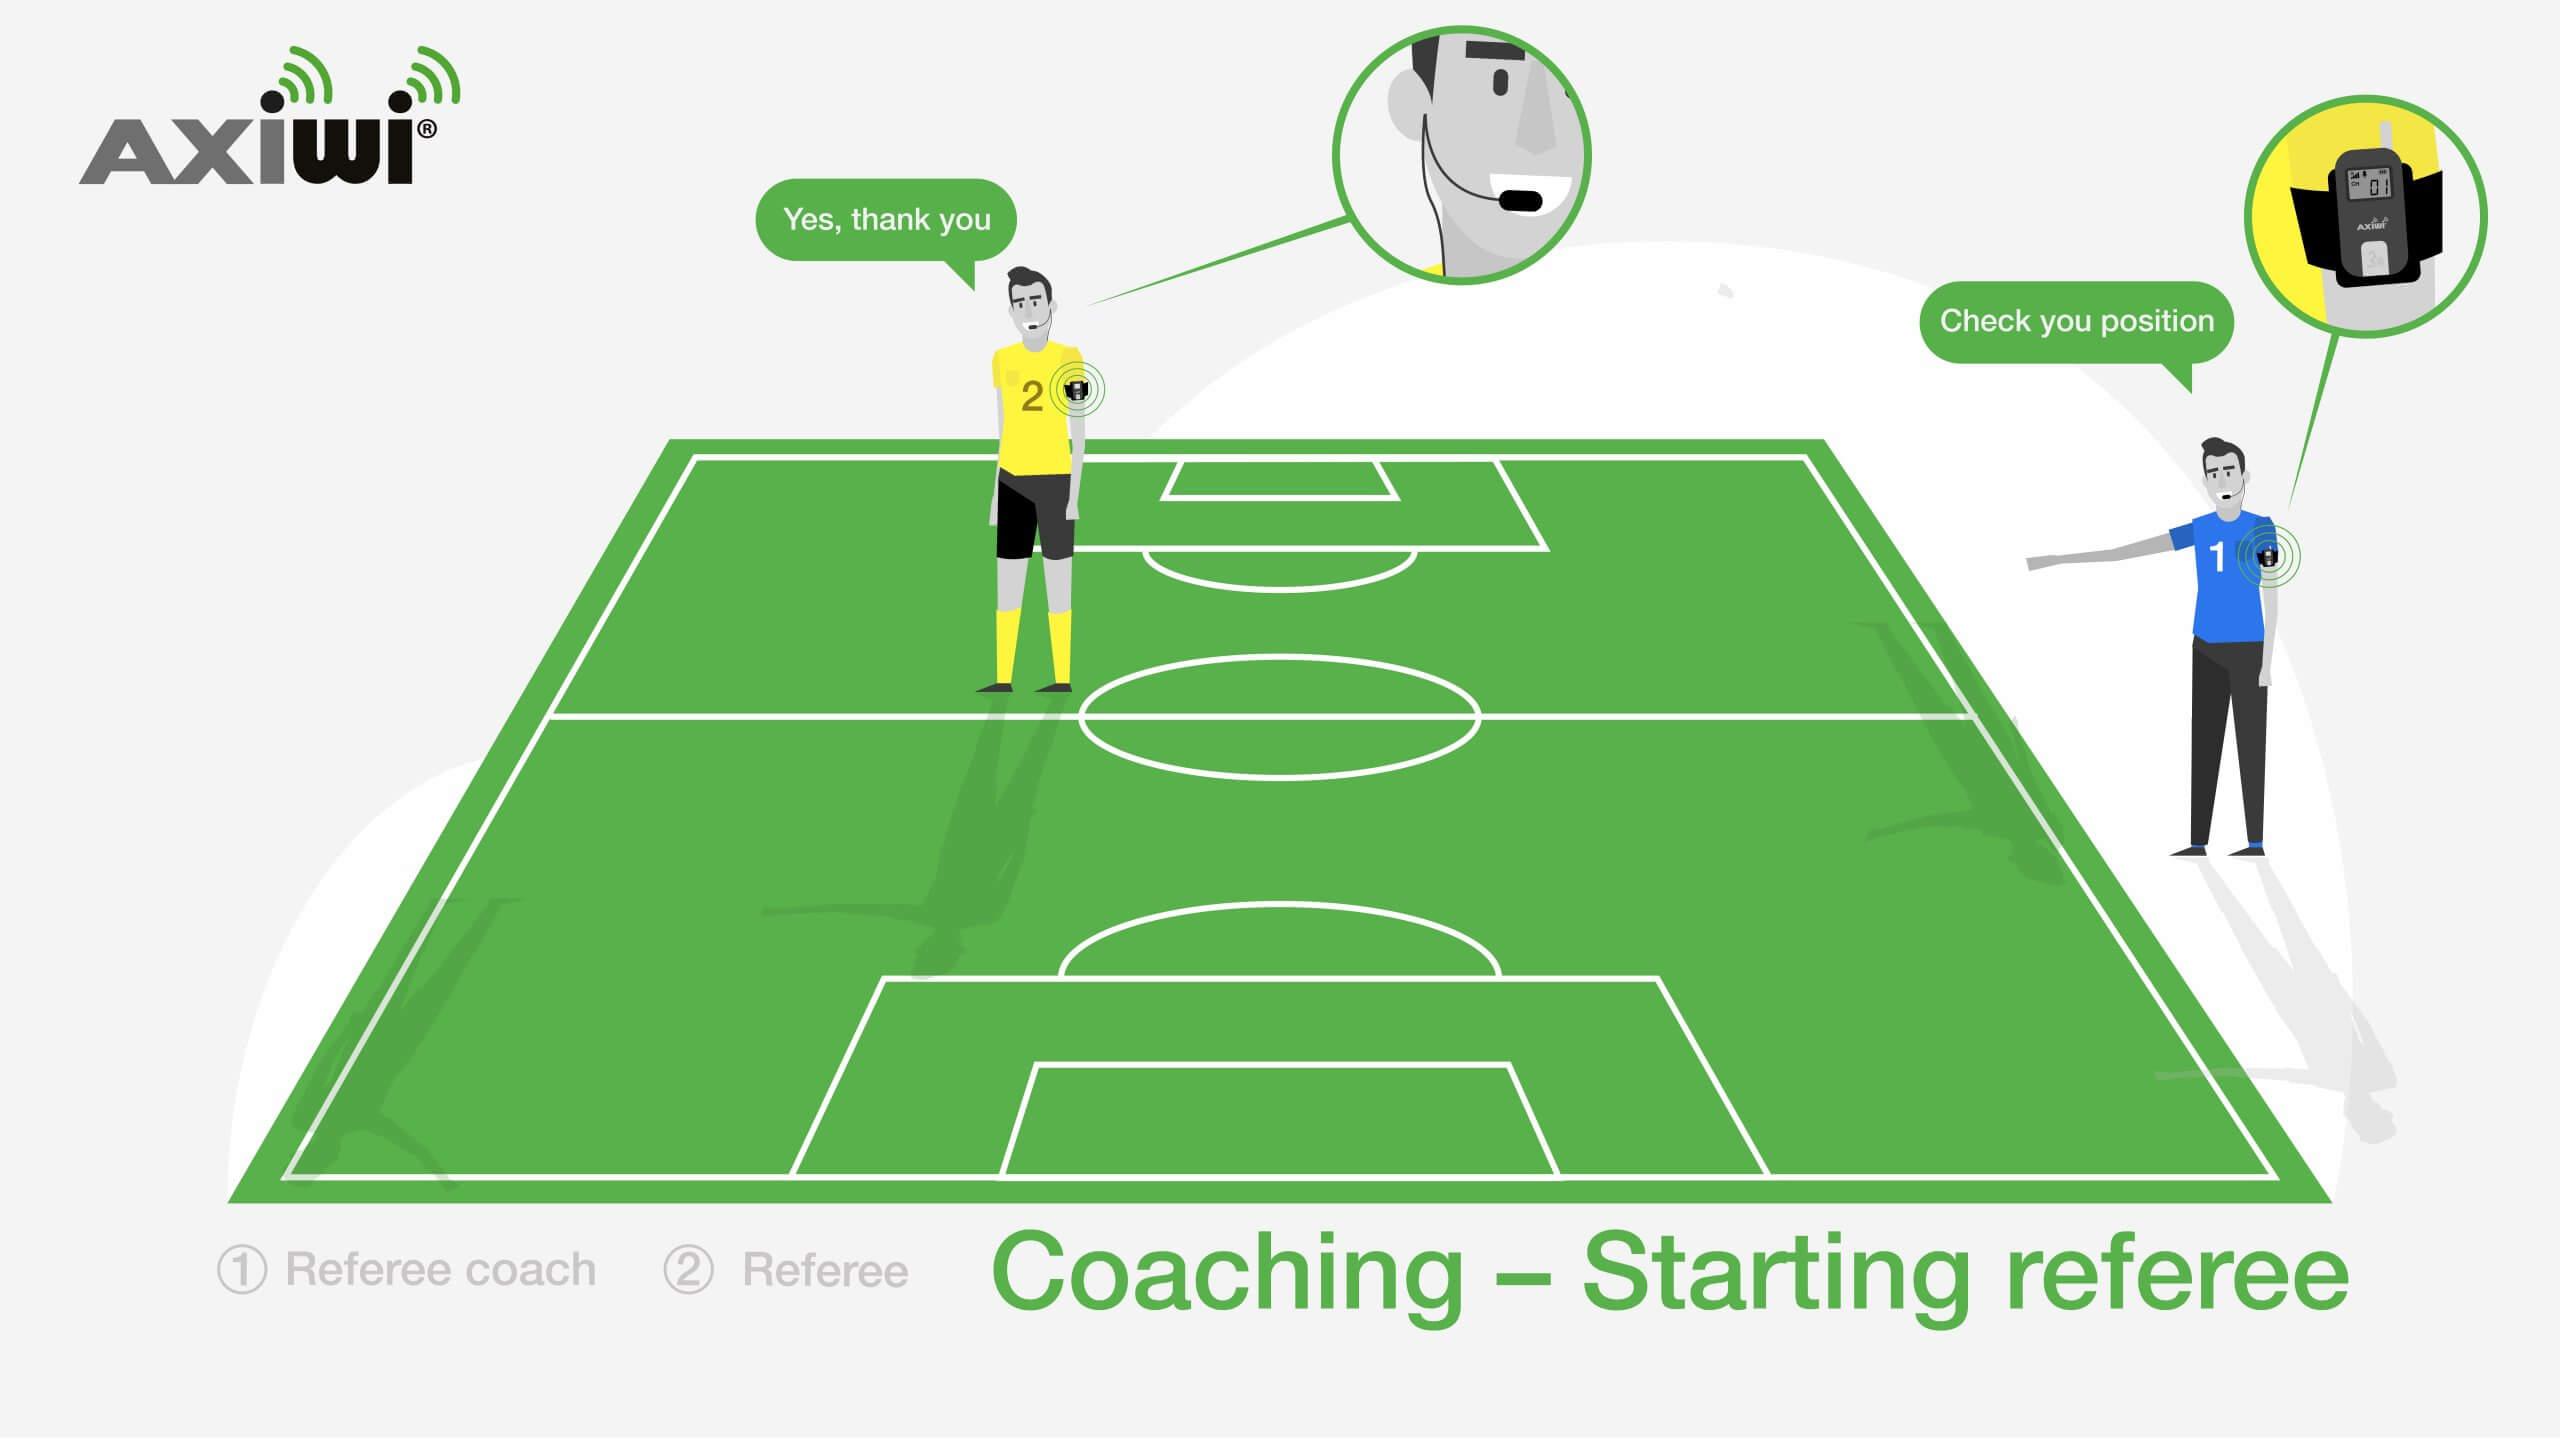 wireless referee communication system coaching starting referees